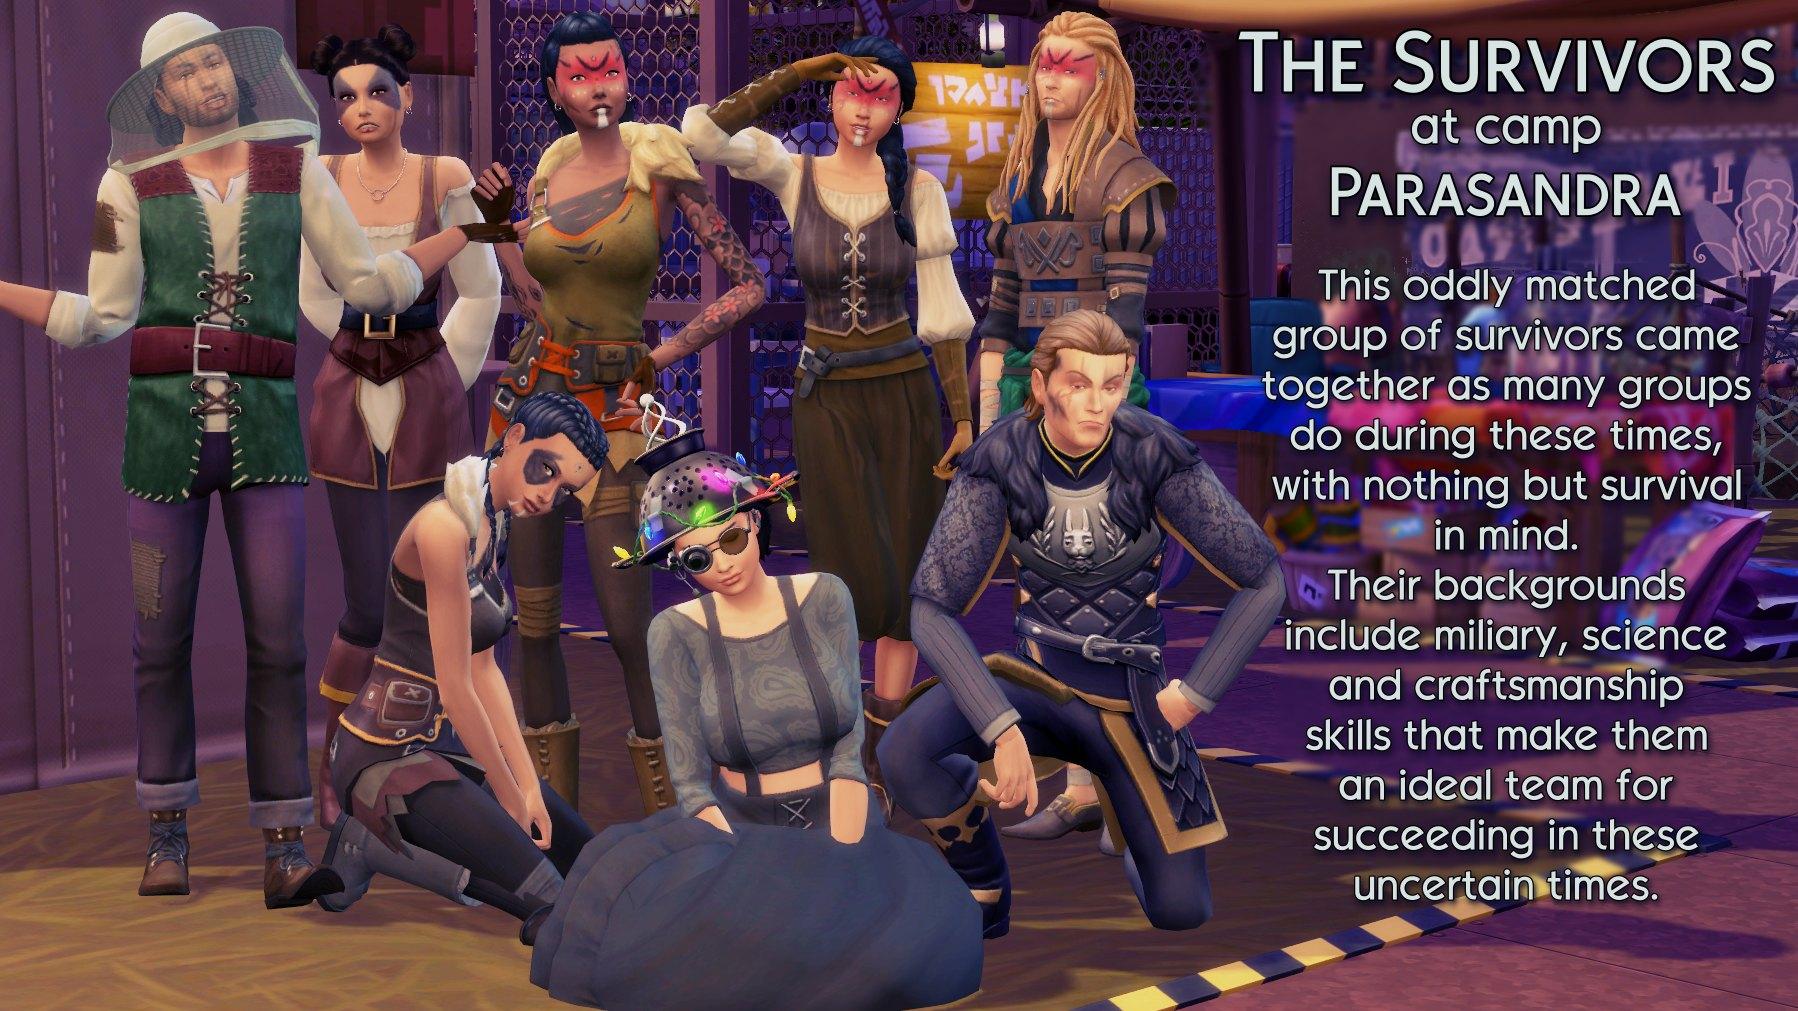 9 Survivors at Parasandra